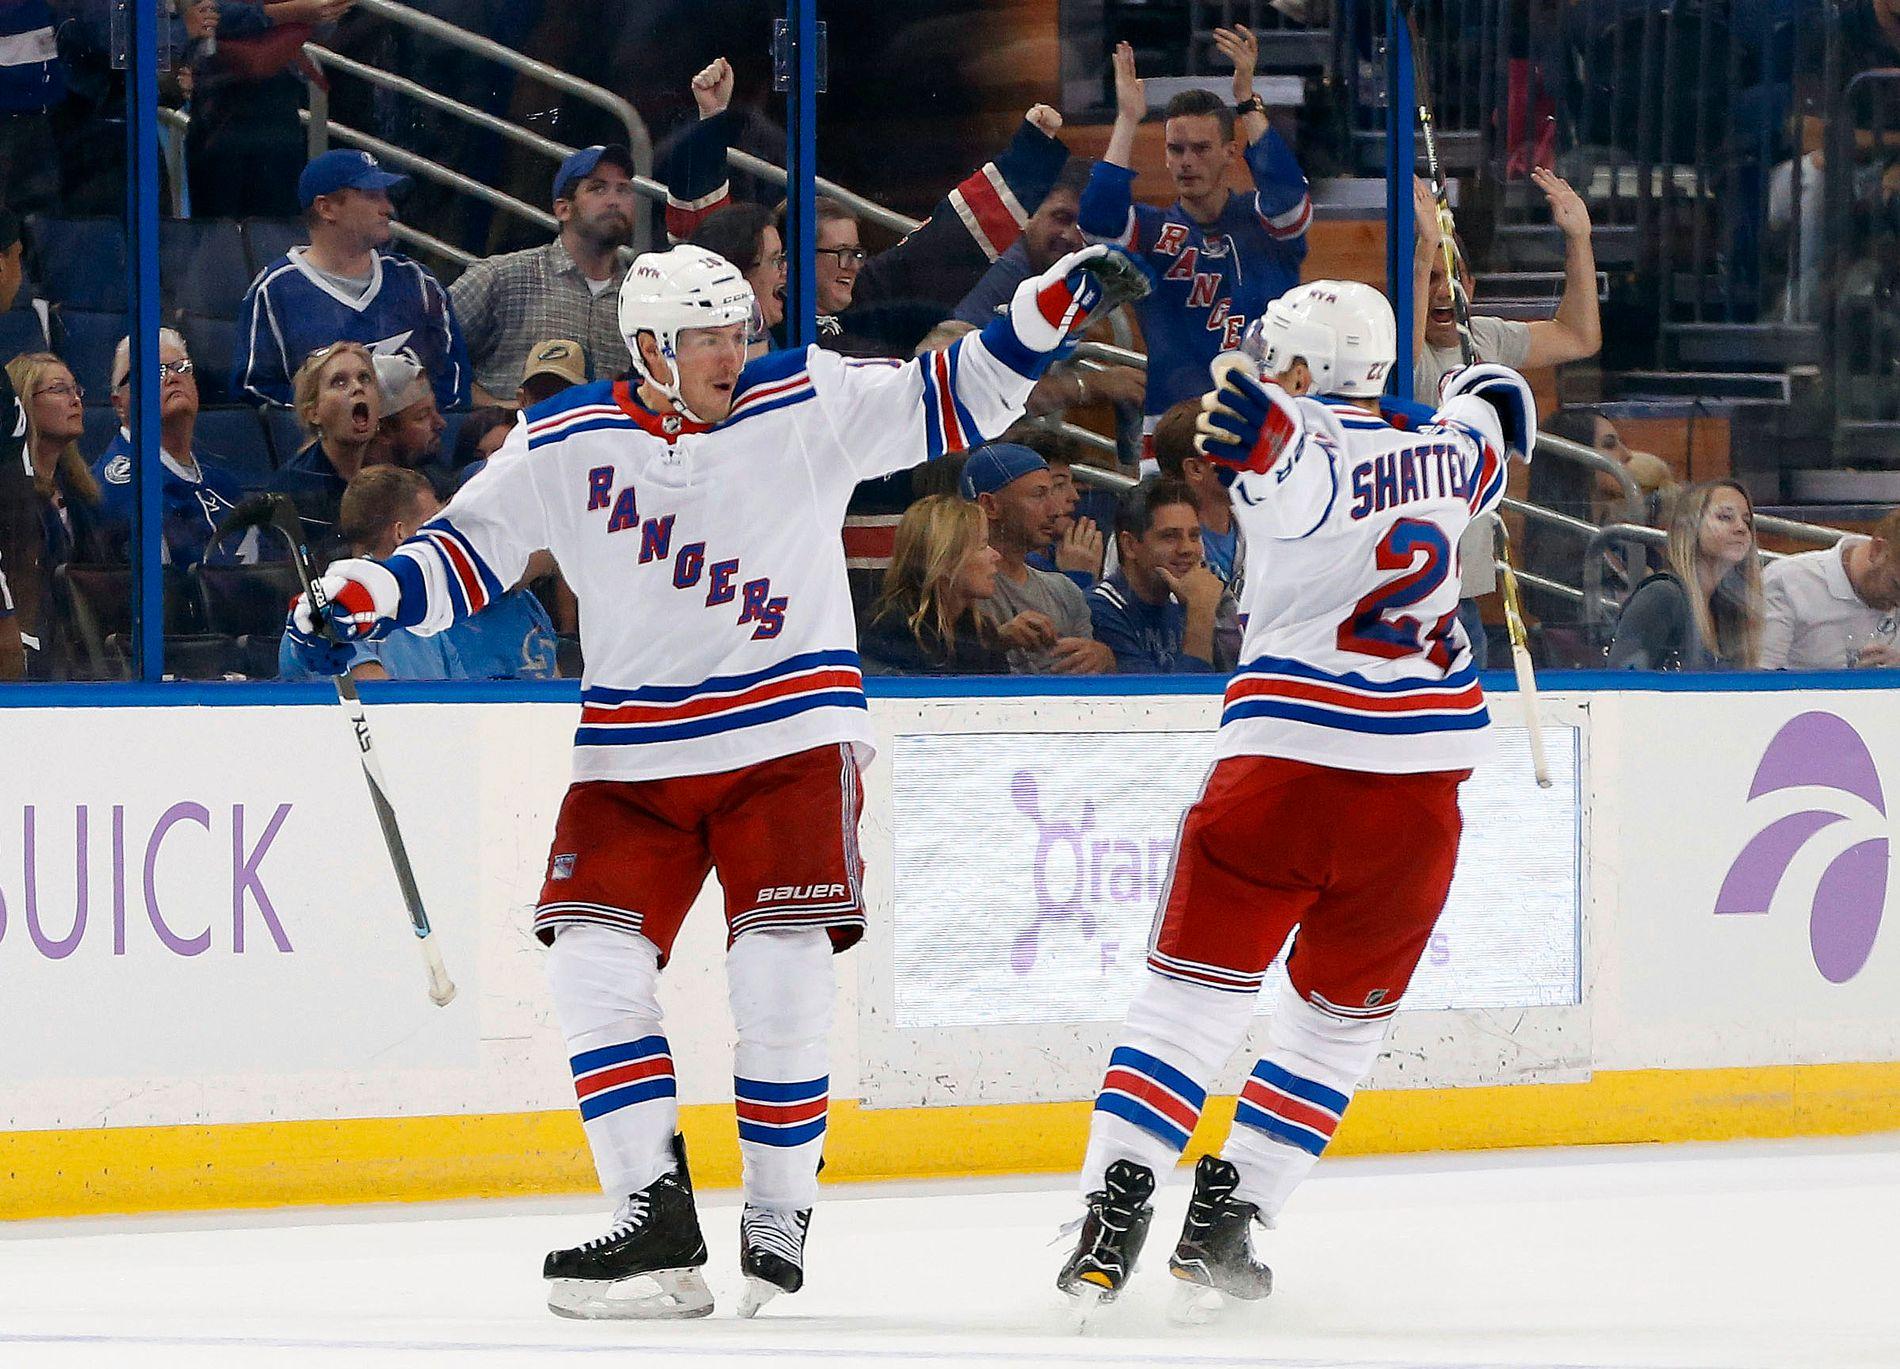 AVGJORDE: Rangers' J.T. Miller feiret det avgjørende målet sammen med lagkamerat Kevin Shattenkirk.